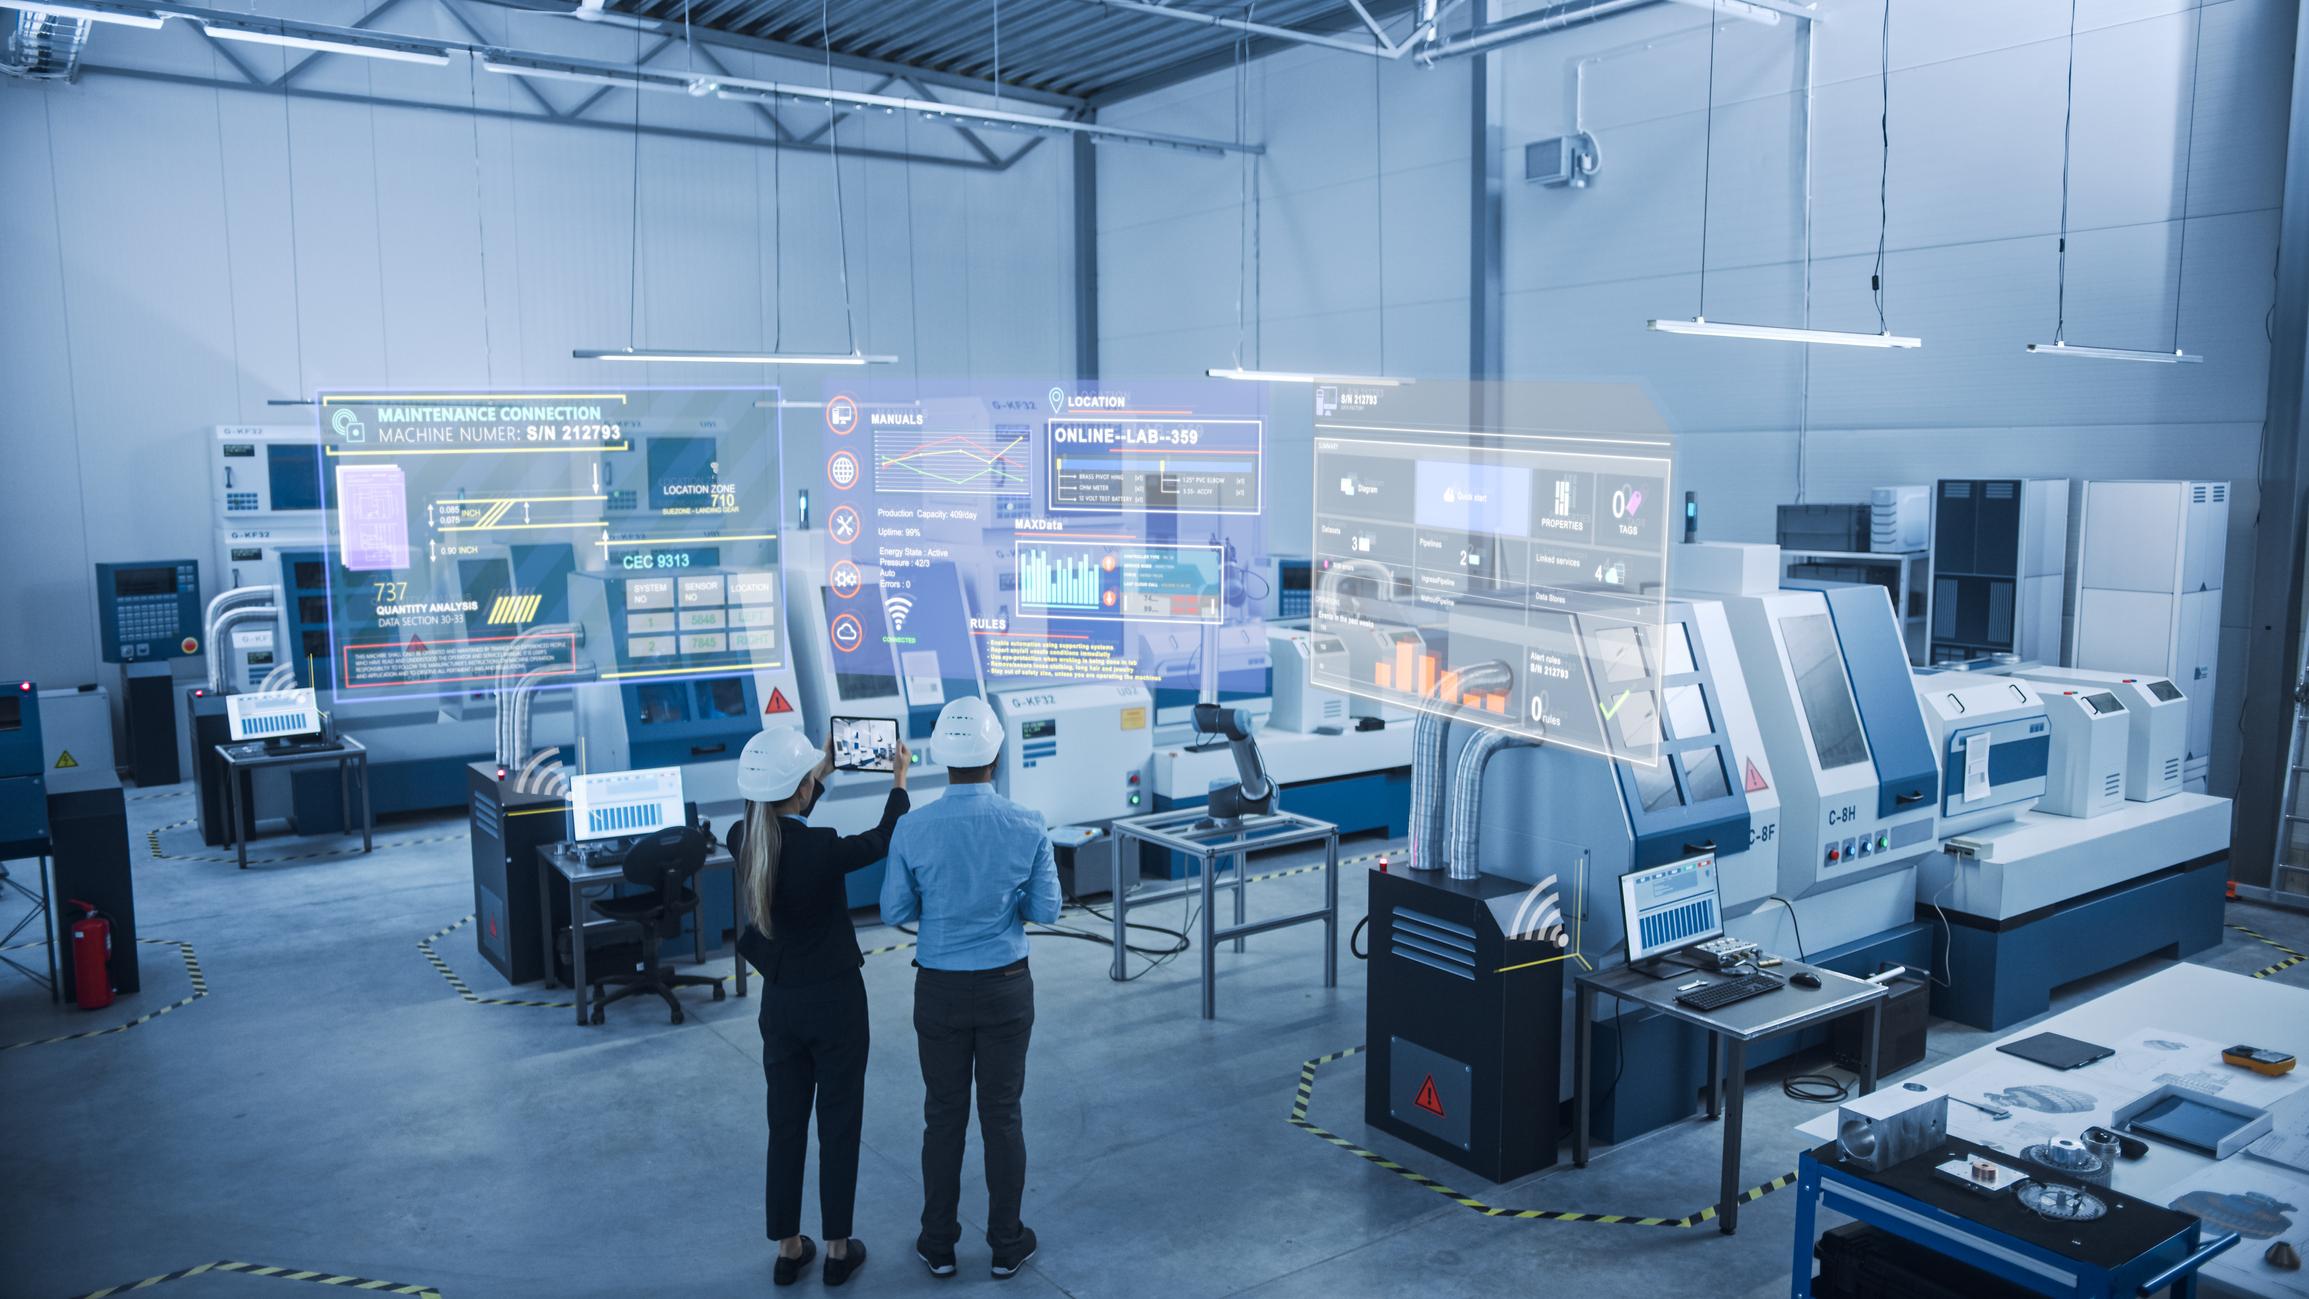 2 ingegneri con tablet usano AI per connettersi a macchinari high tech e visualizzano schermate di manutenzione predittiva e diagnostica